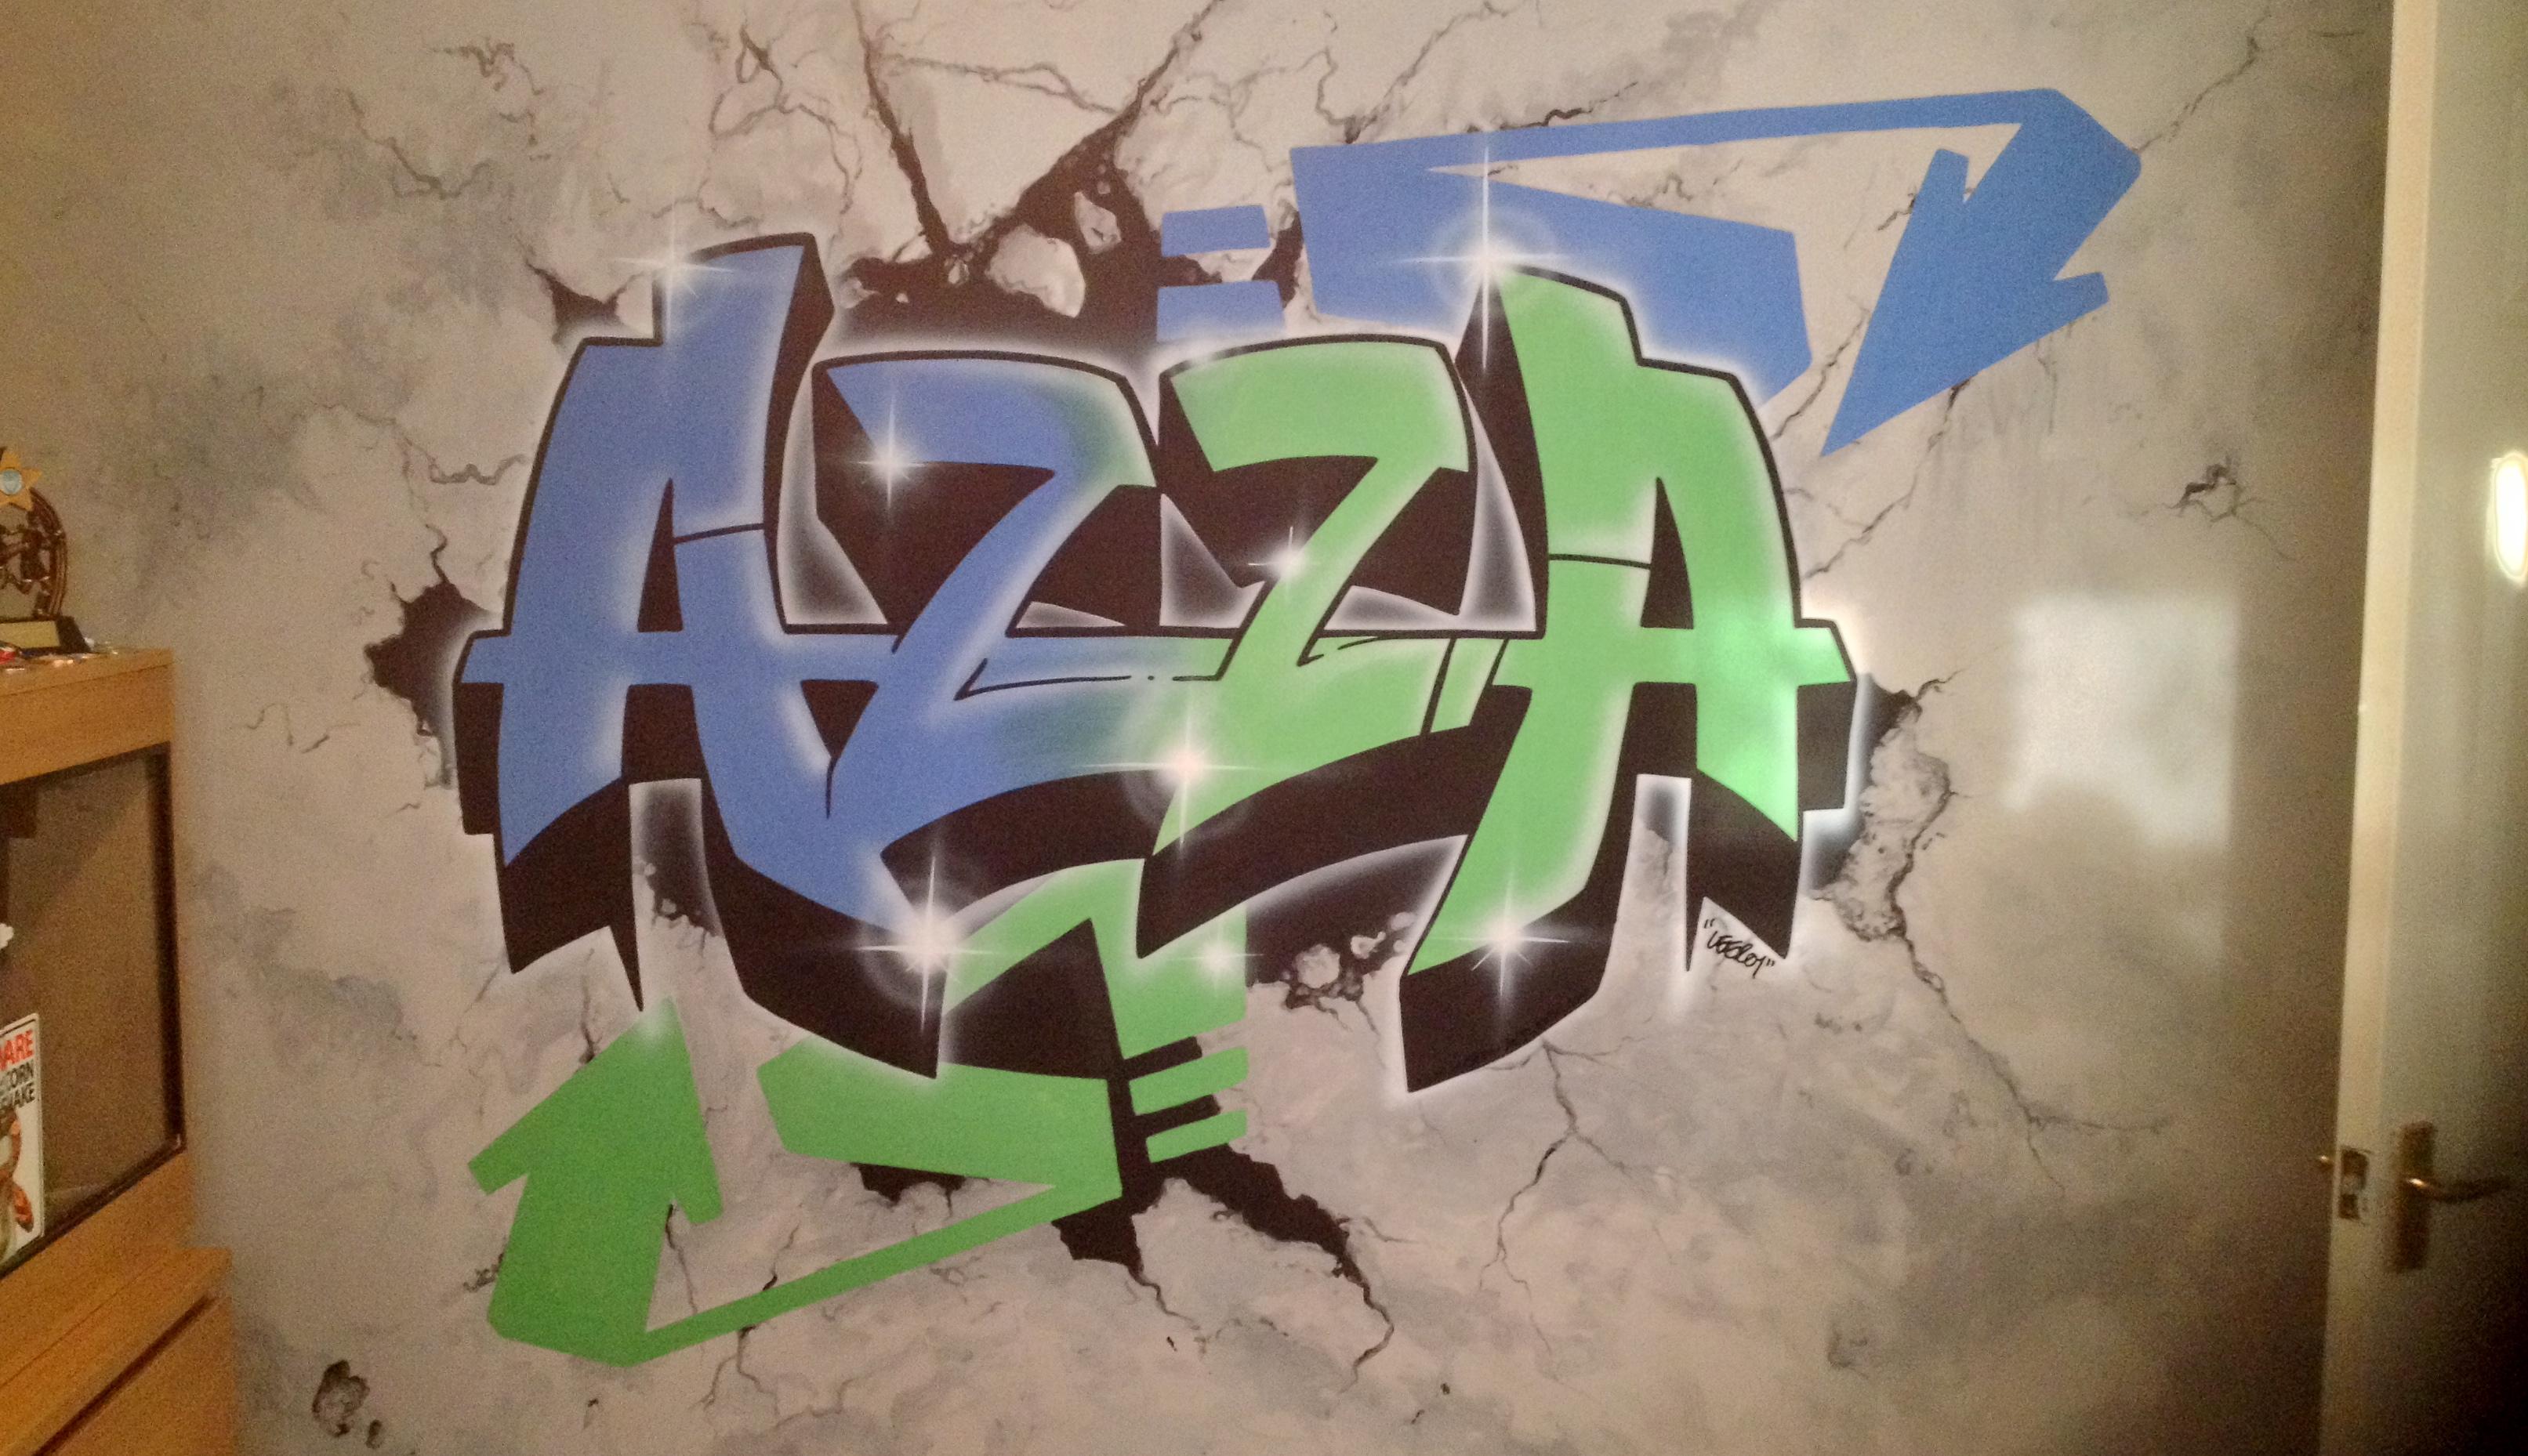 Azza Custom Graffiti